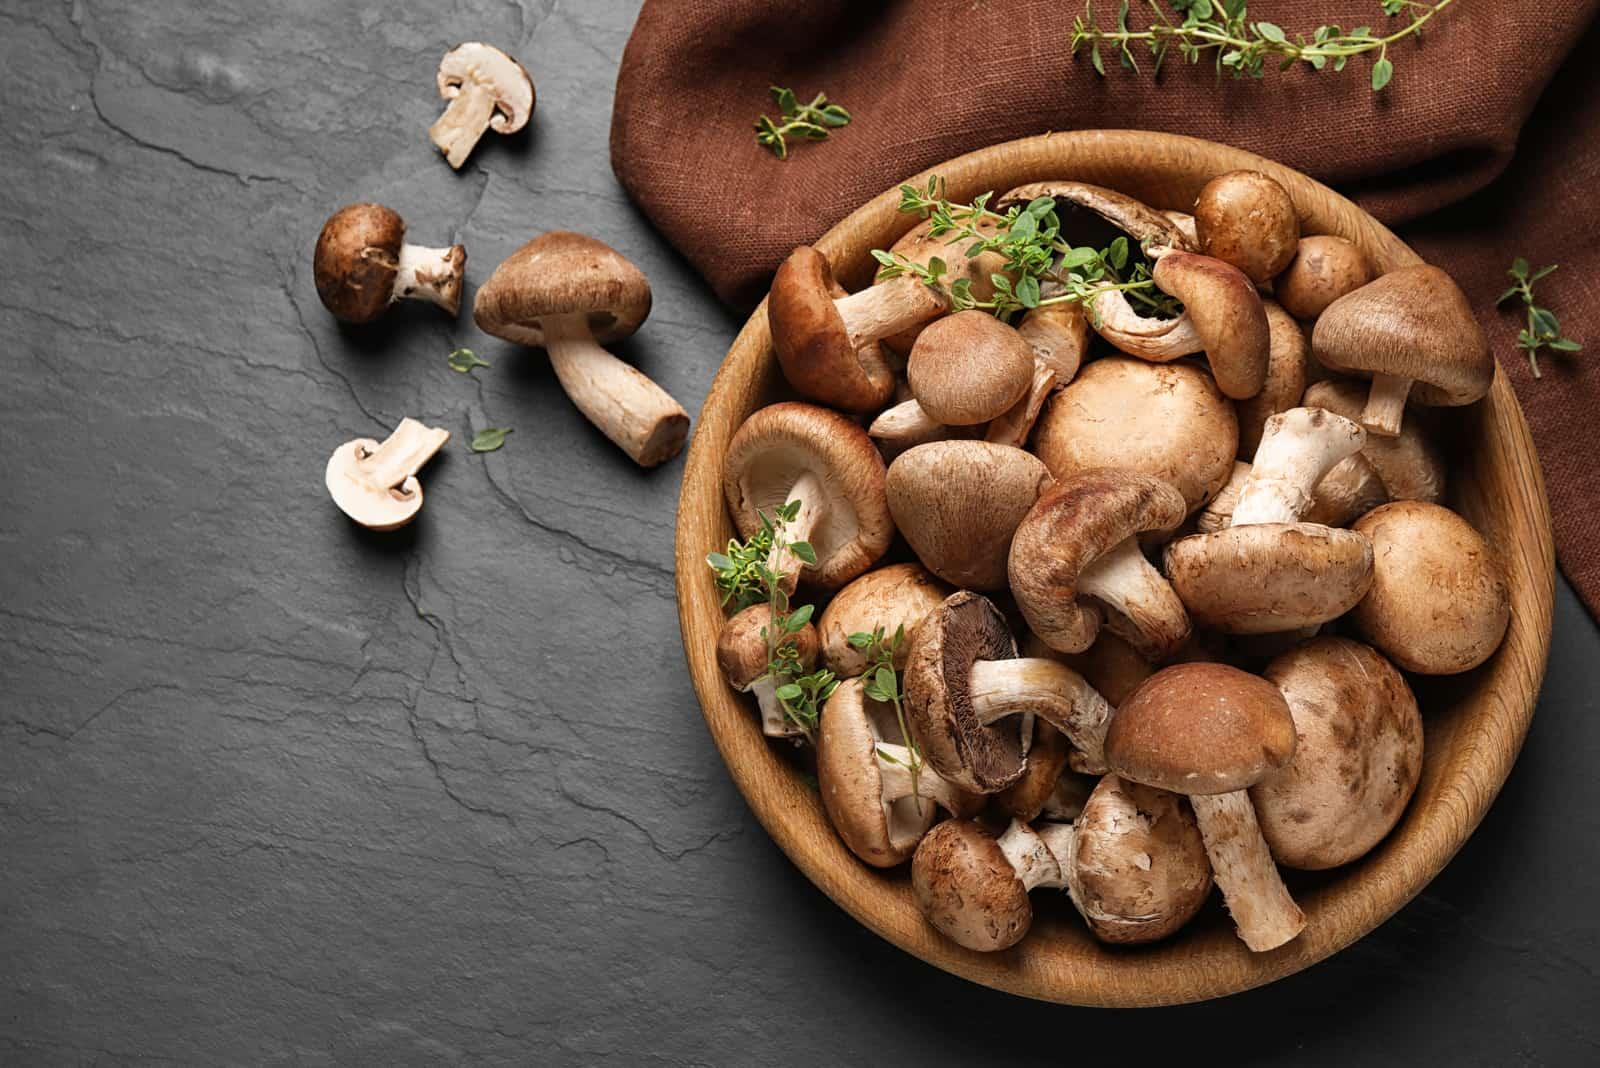 eine Schüssel voller frischer Pilze